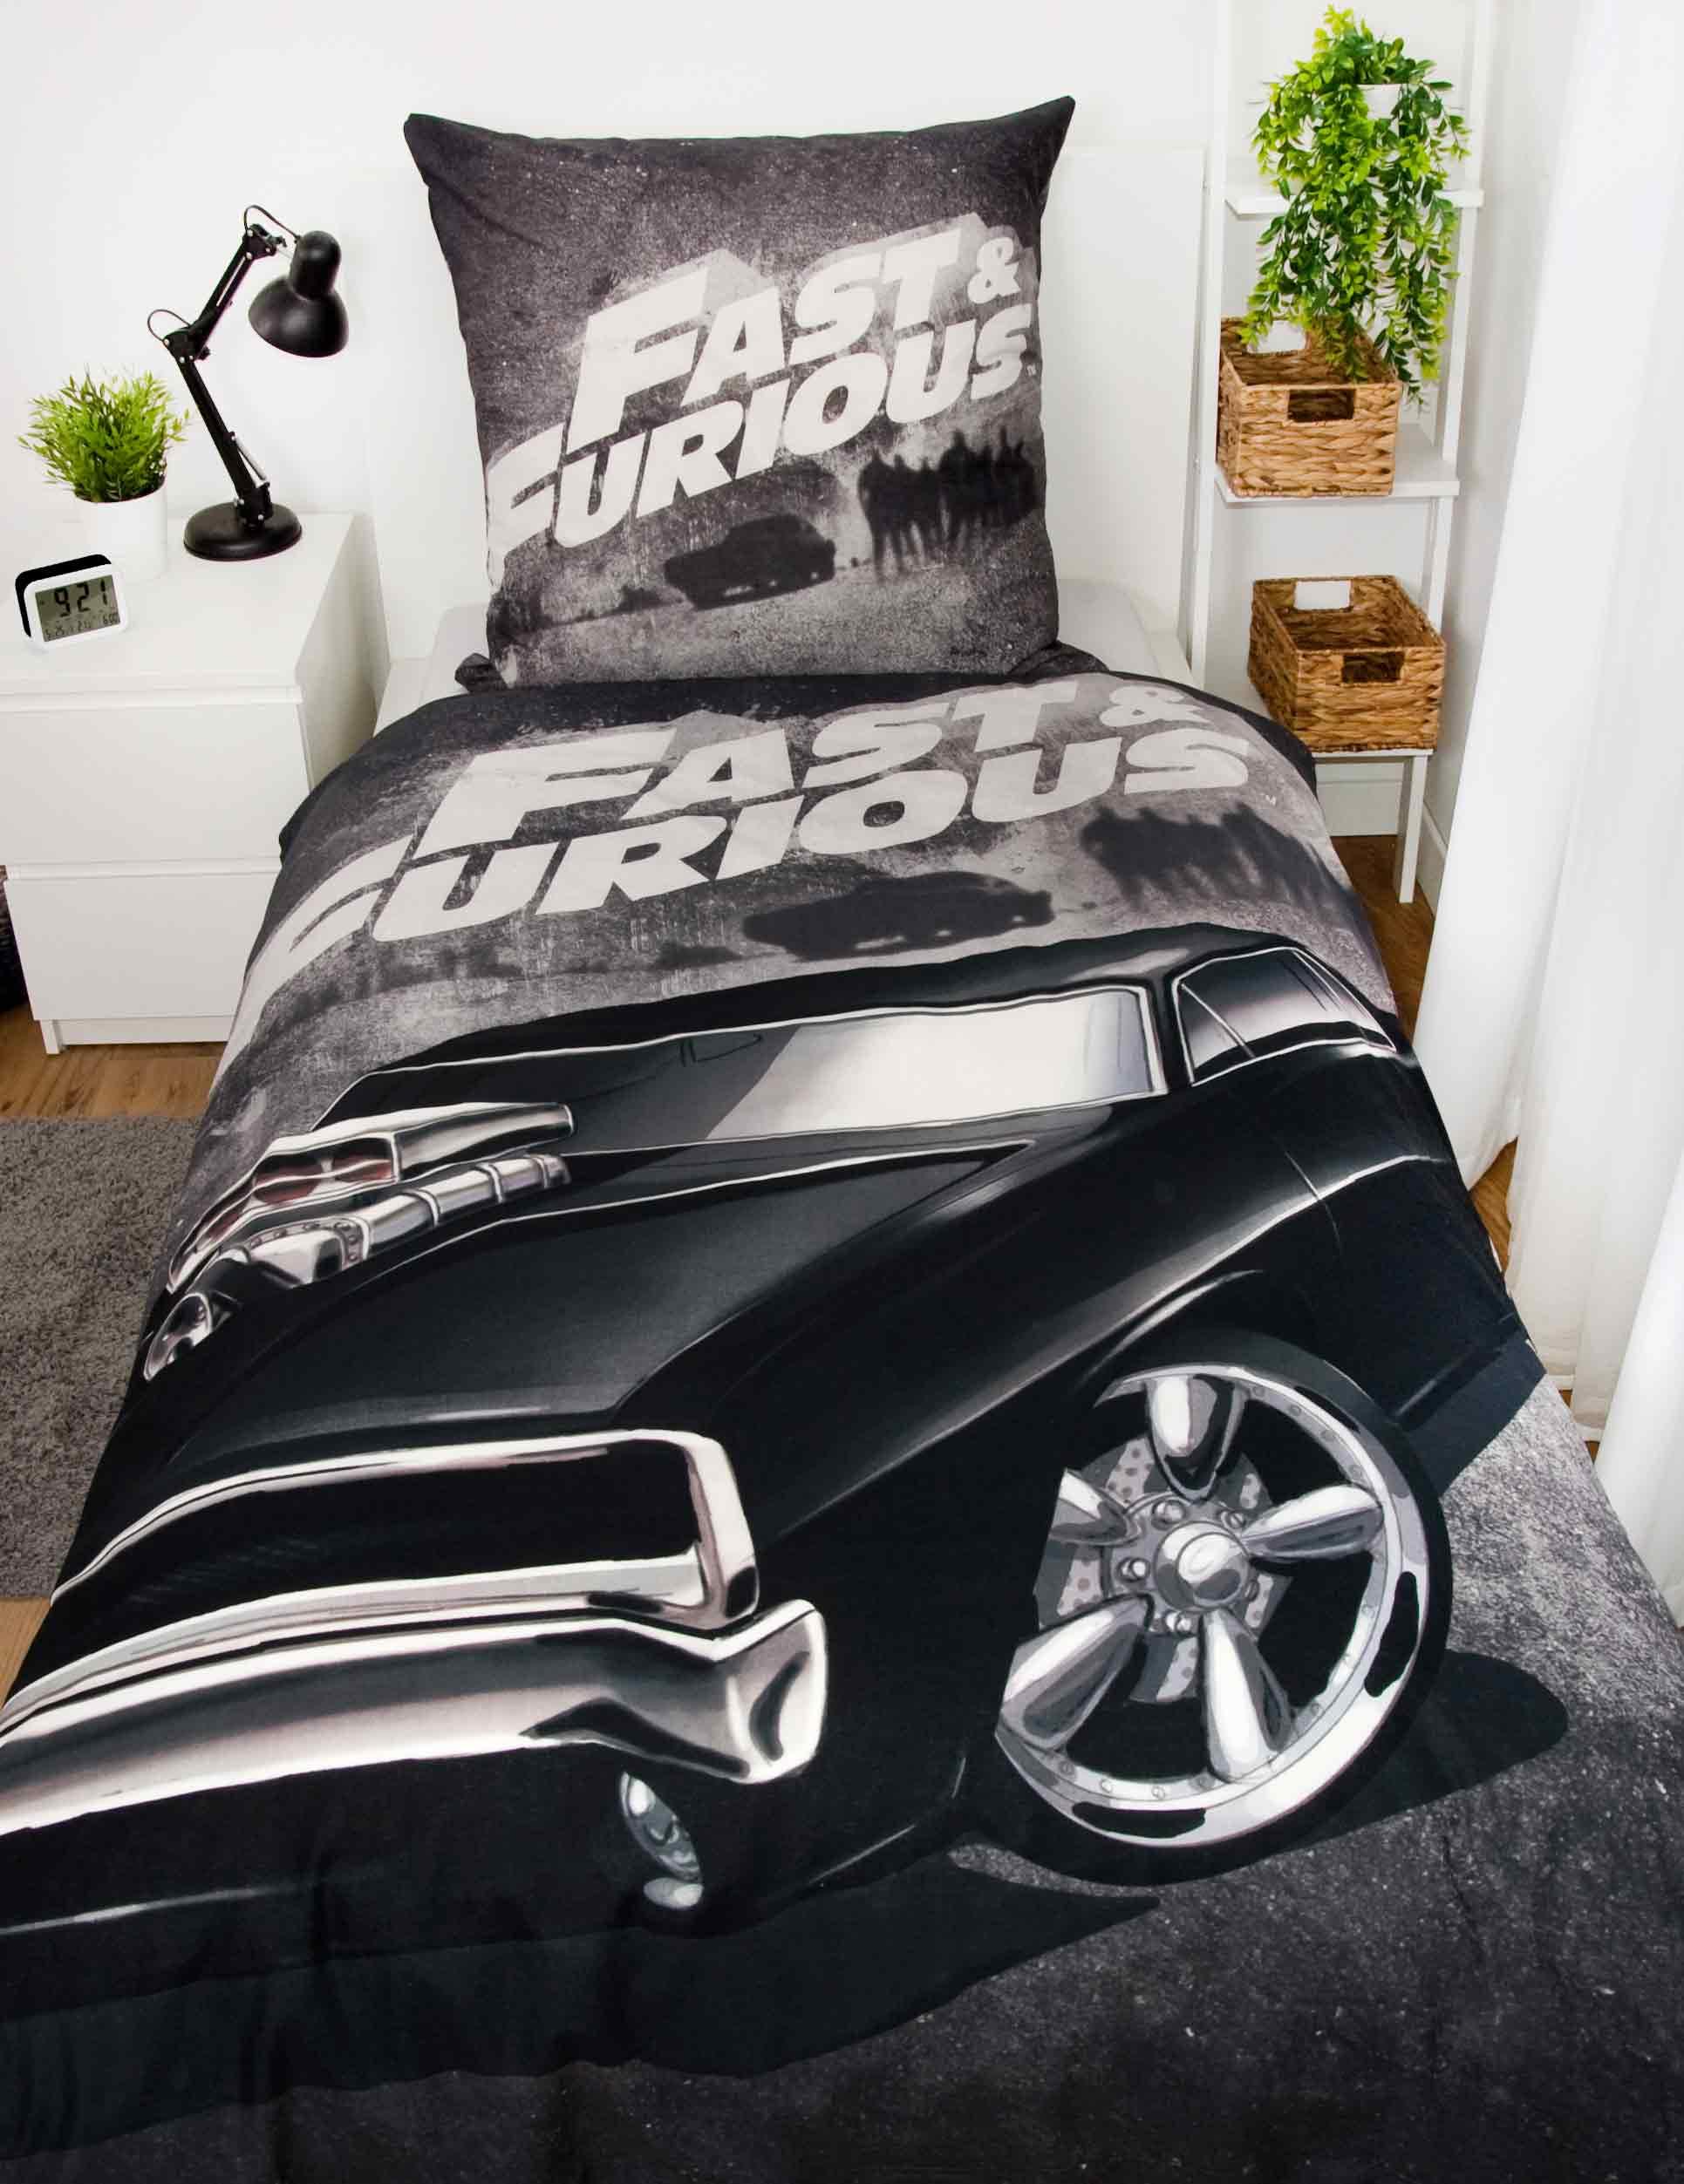 Produktbild Bettwäsche fast and furious Schwarz ganze Bettwäsche auf Bett